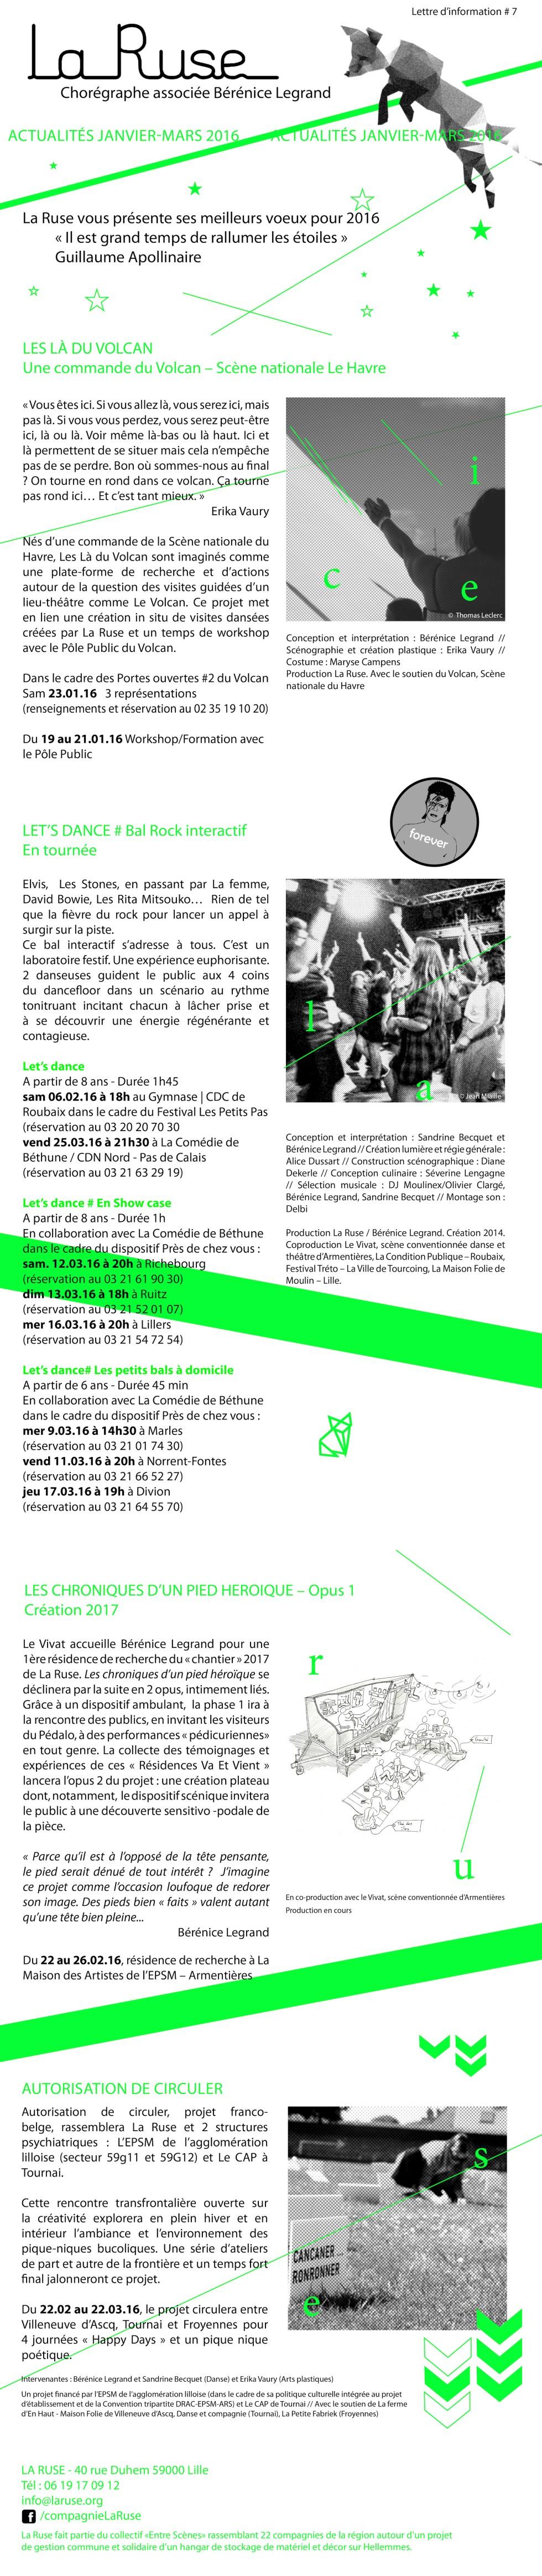 La-Ruse-Newsletter-7